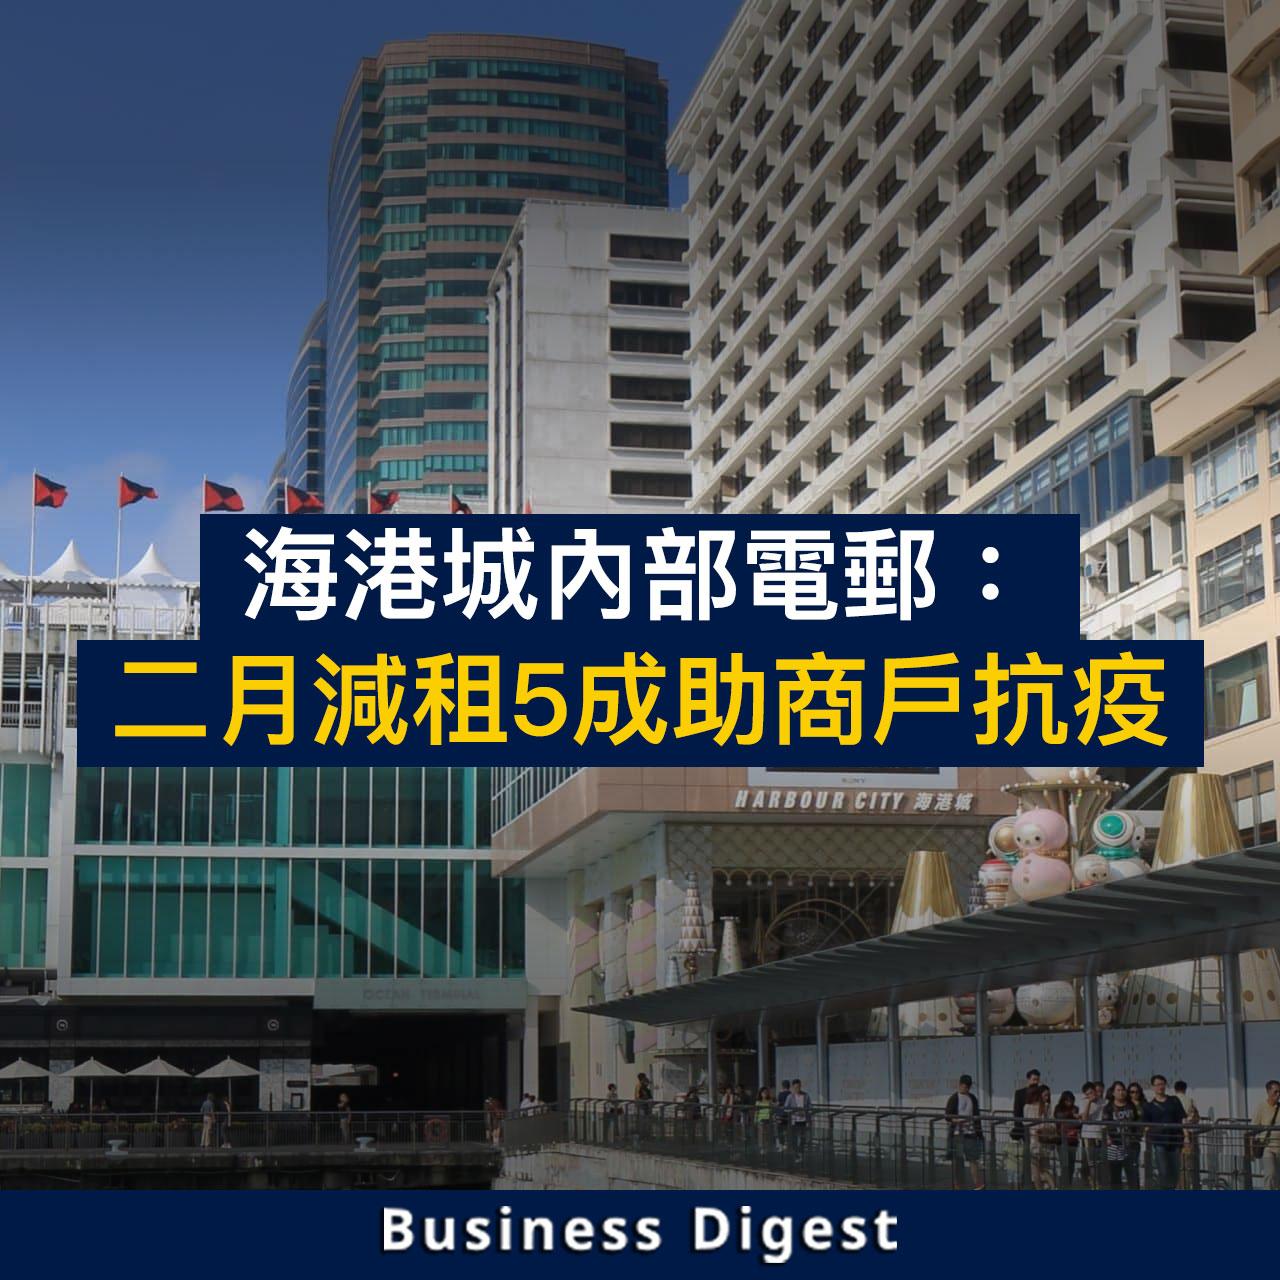 【商業熱話】海港城內部電郵:二月減租5成助商戶抗疫